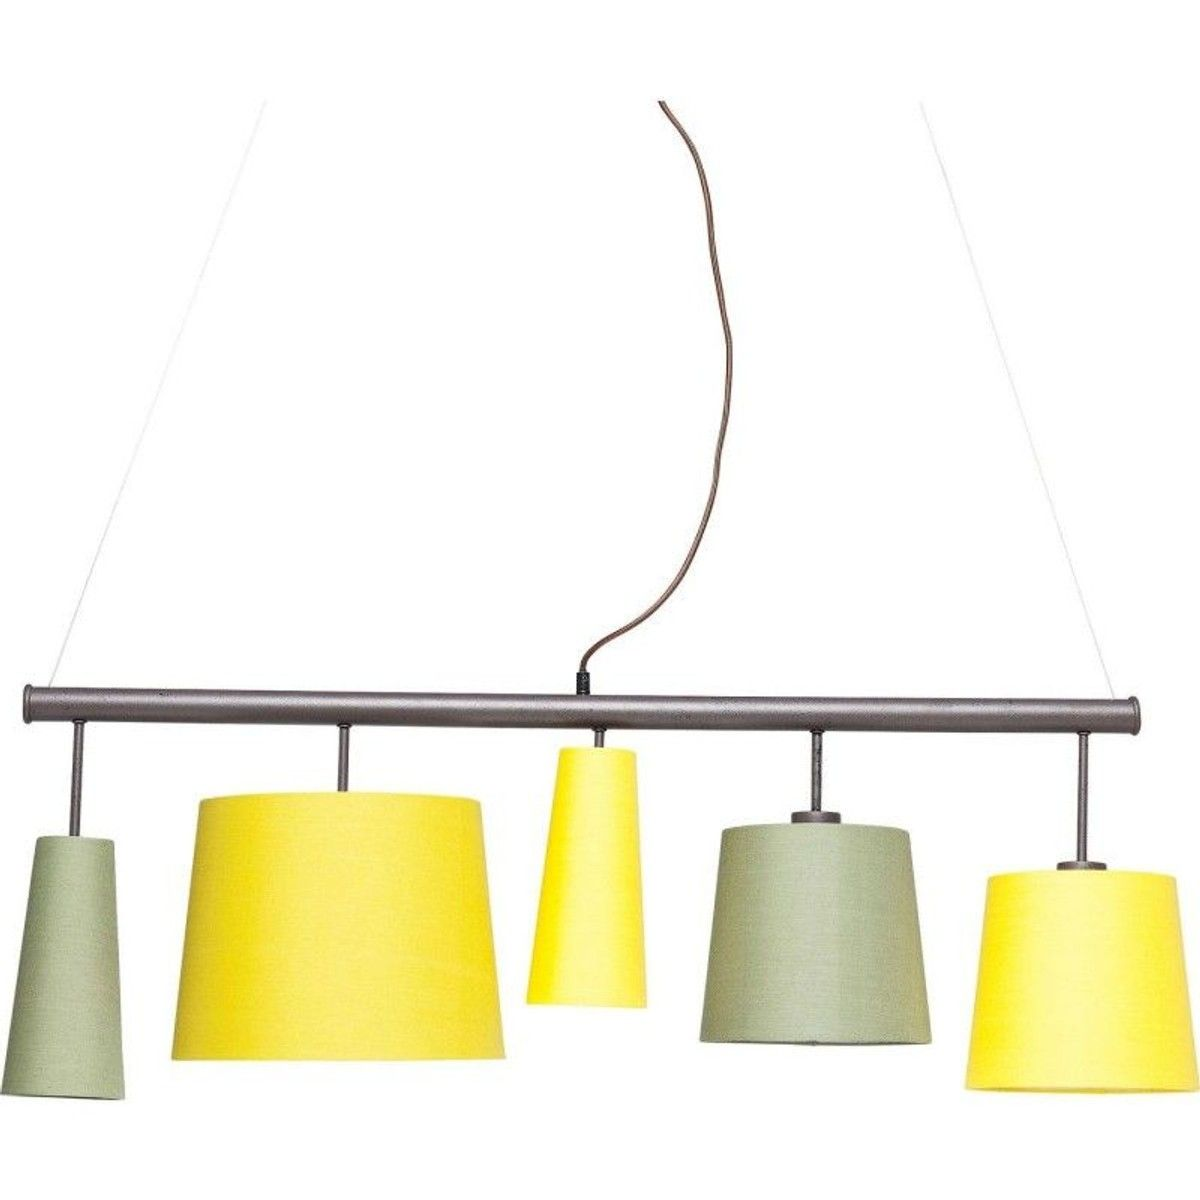 Kare TailleProducts Parecchi Lime 100cm Suspension Design kXTZuwOlPi